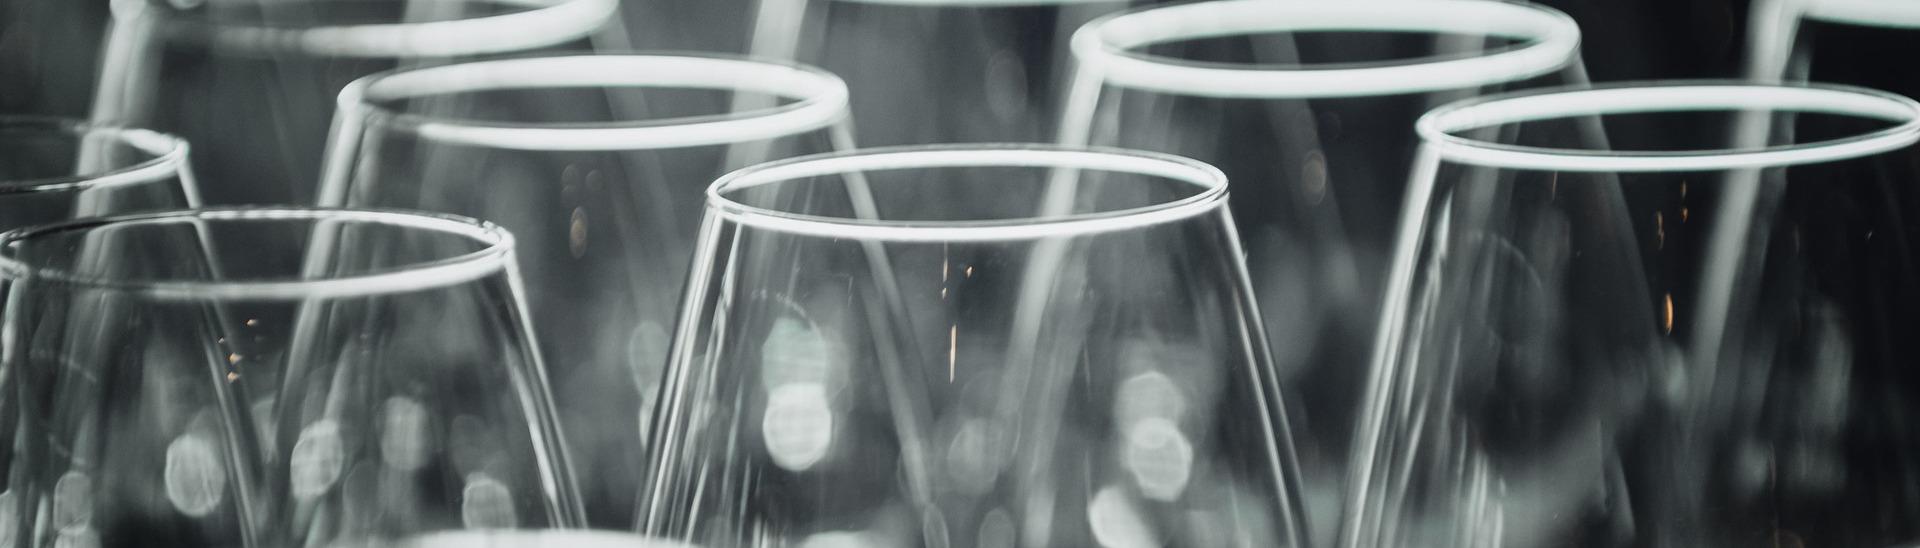 wine-glasses-PQWV62N(2)(1)(1)